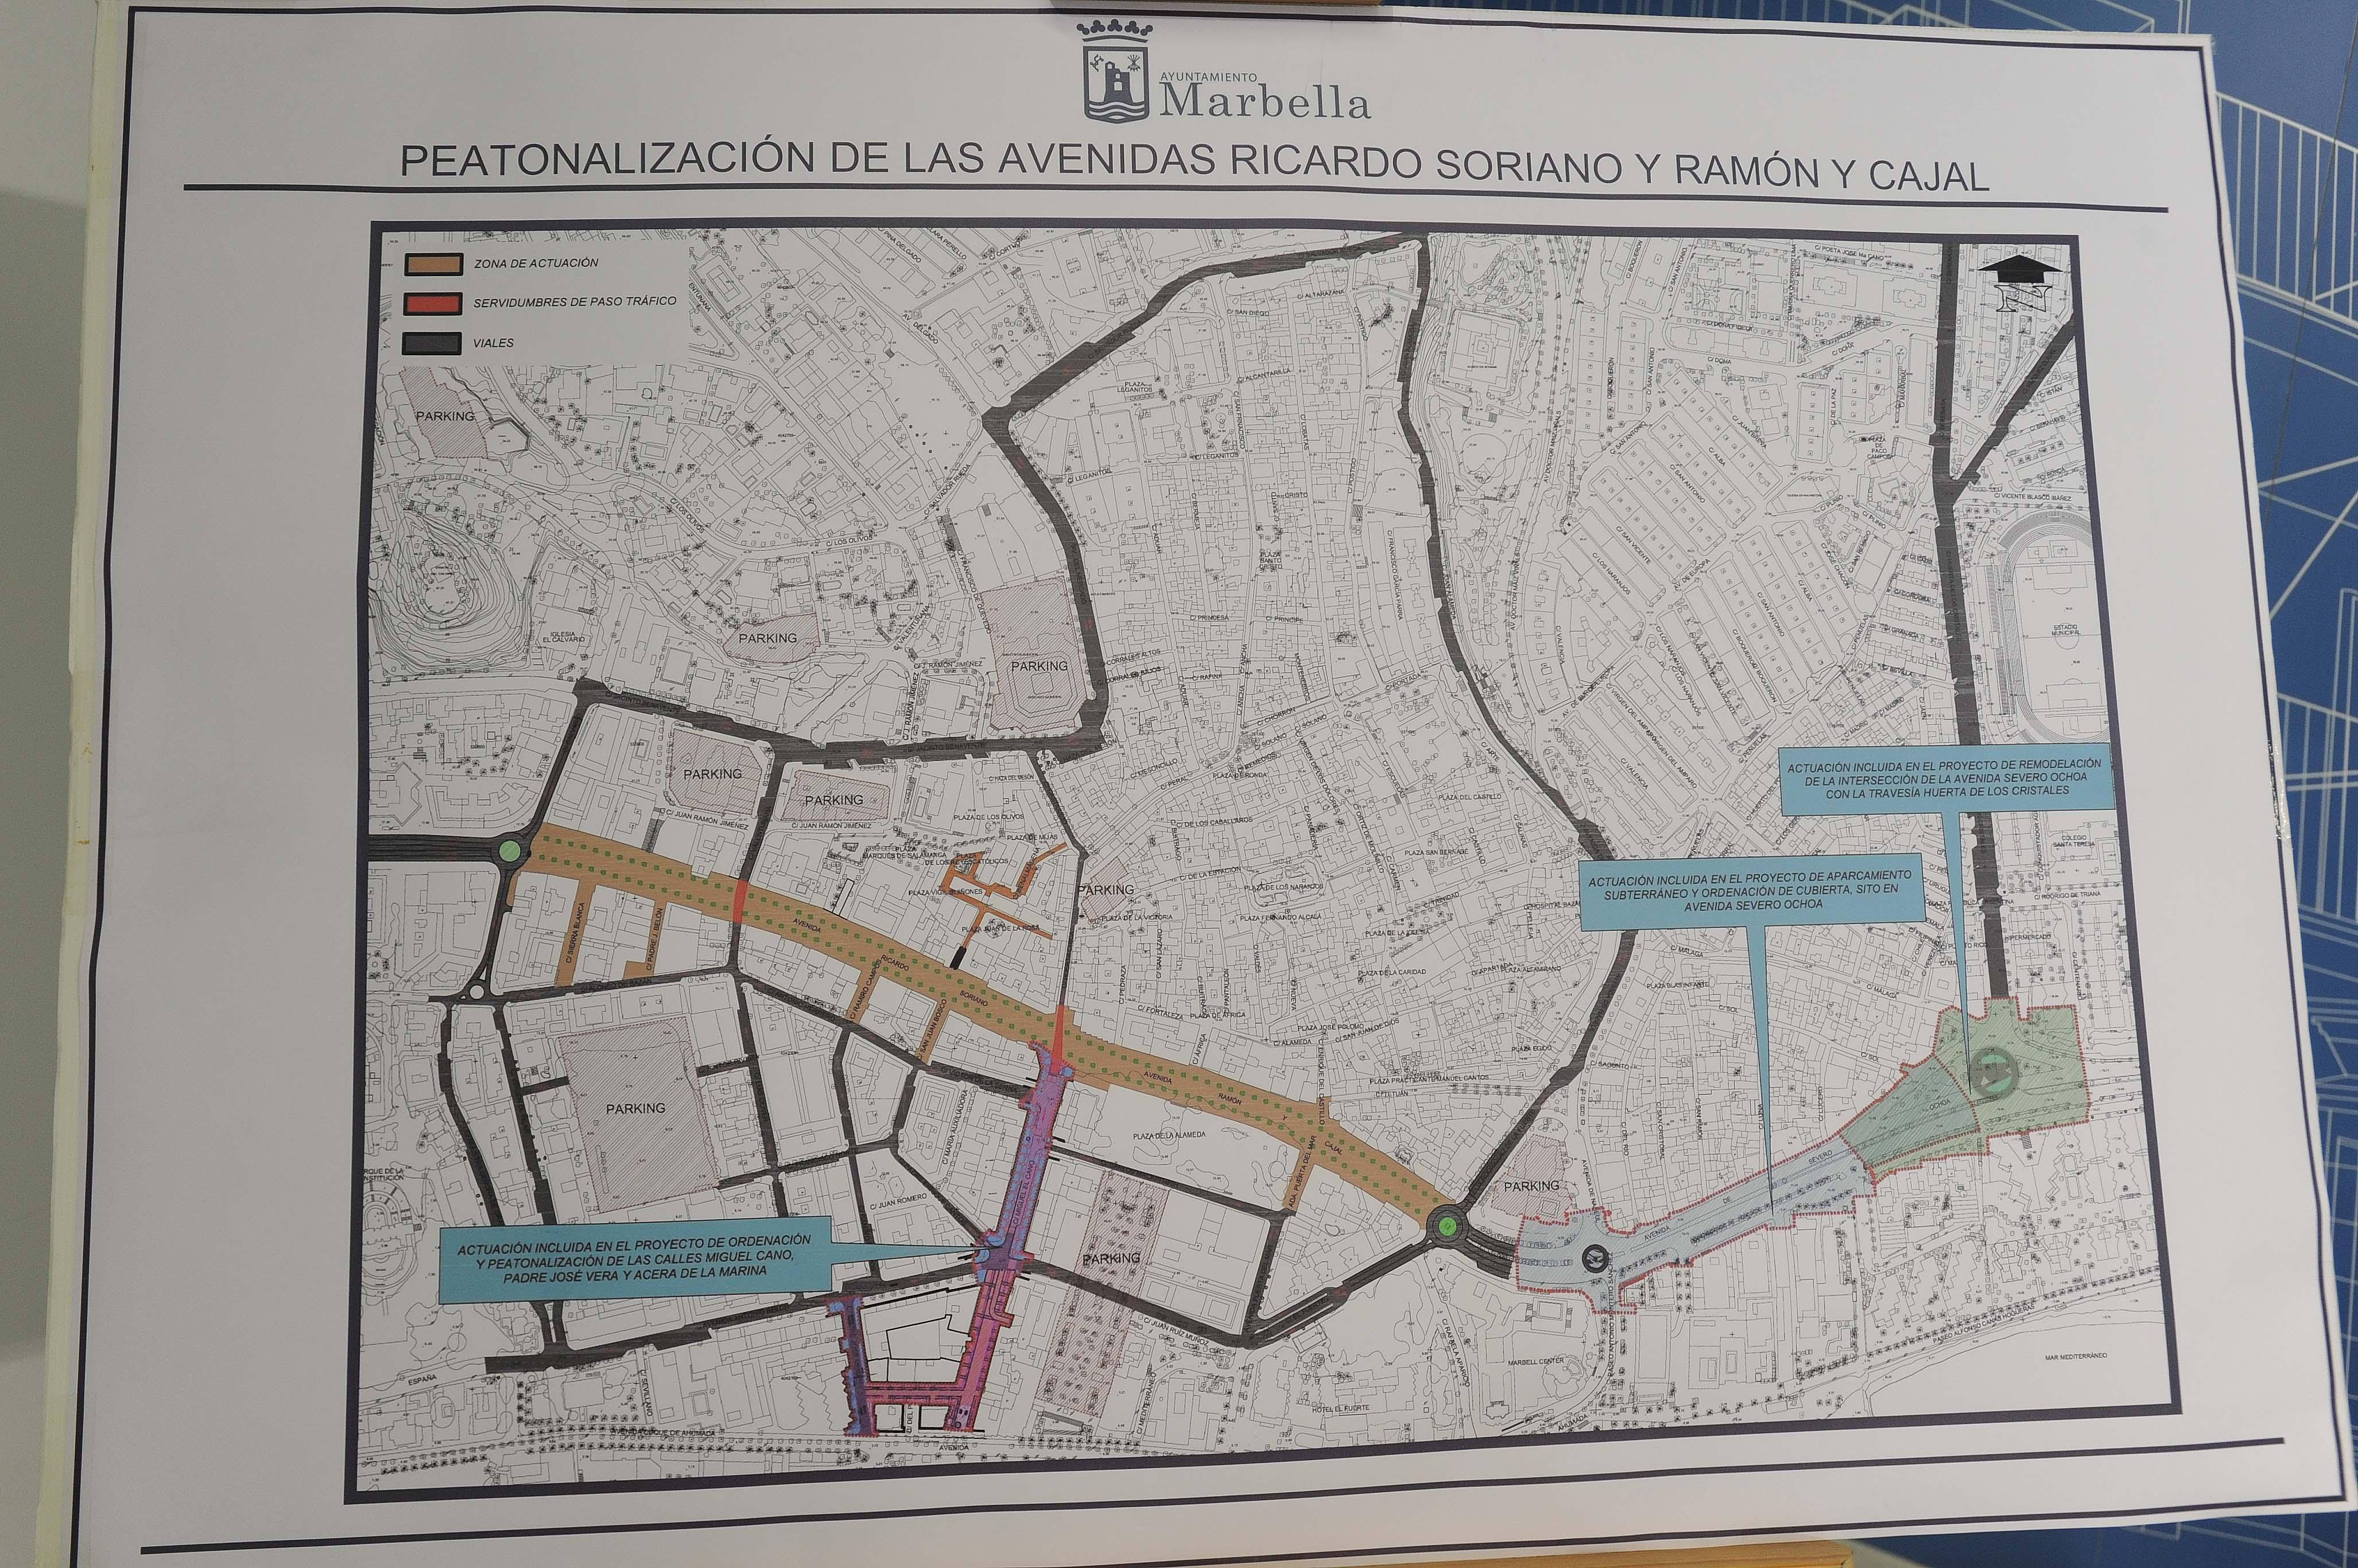 Plano de la peatonalización de Marbellalla